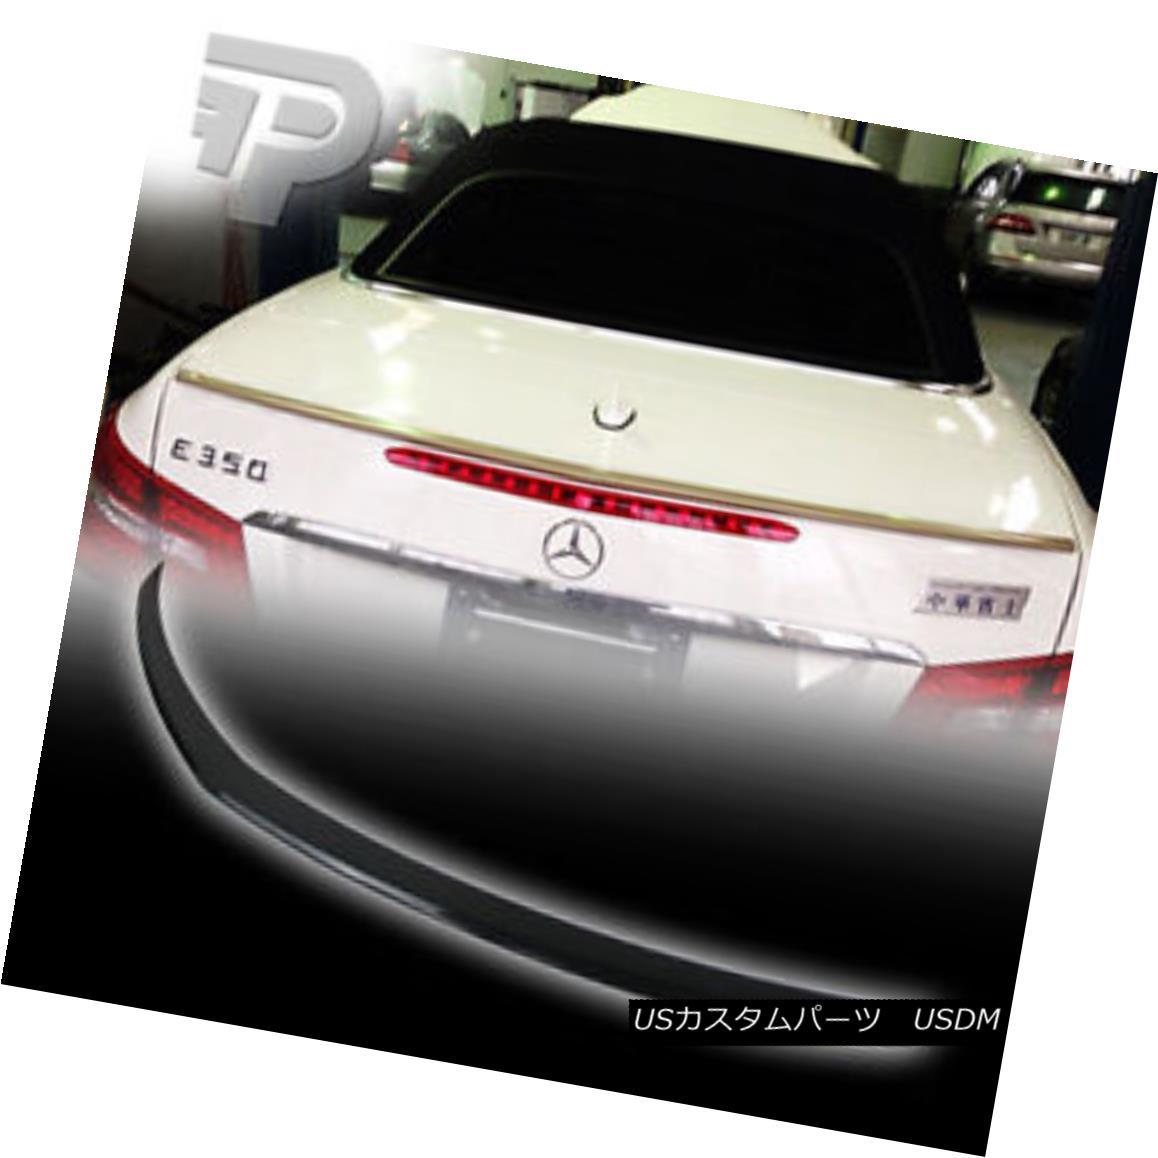 エアロパーツ PAINTED Mercedes BENZ C207 2D COUPE A TYPE TRUNK BOOT SPOILER REAR 040 BLACK ▼ ペイントされたメルセデスベンツC207 2DカップリングAタイプトランクブーツスポイラーリア040ブラック?